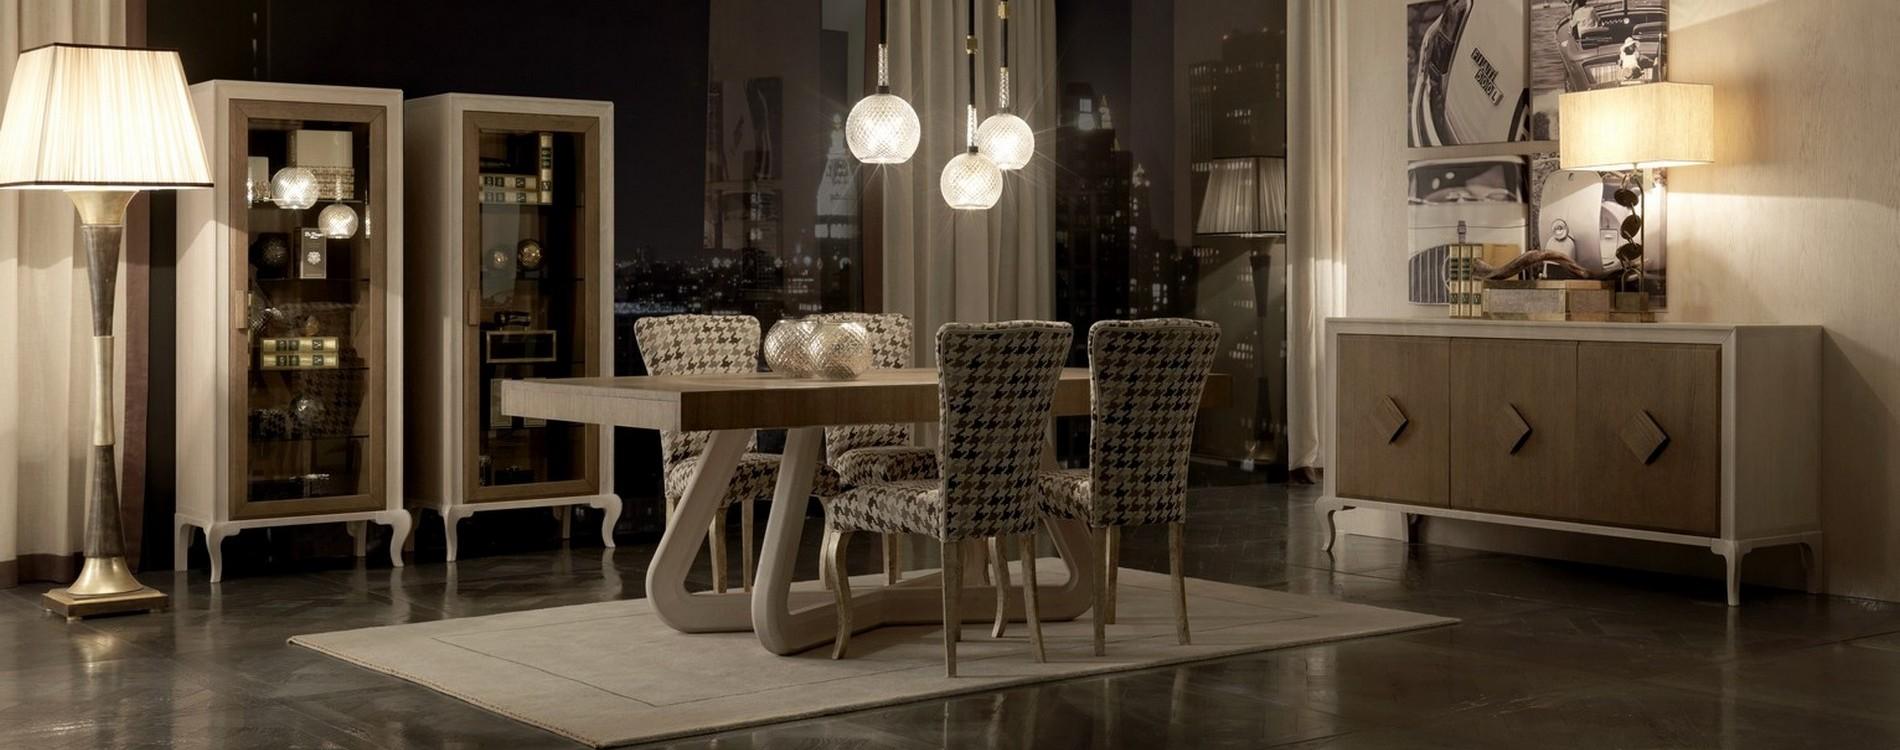 Mobilificio europa divani poltrone tavoli sedie mobili for Poltrone e sofa perignano